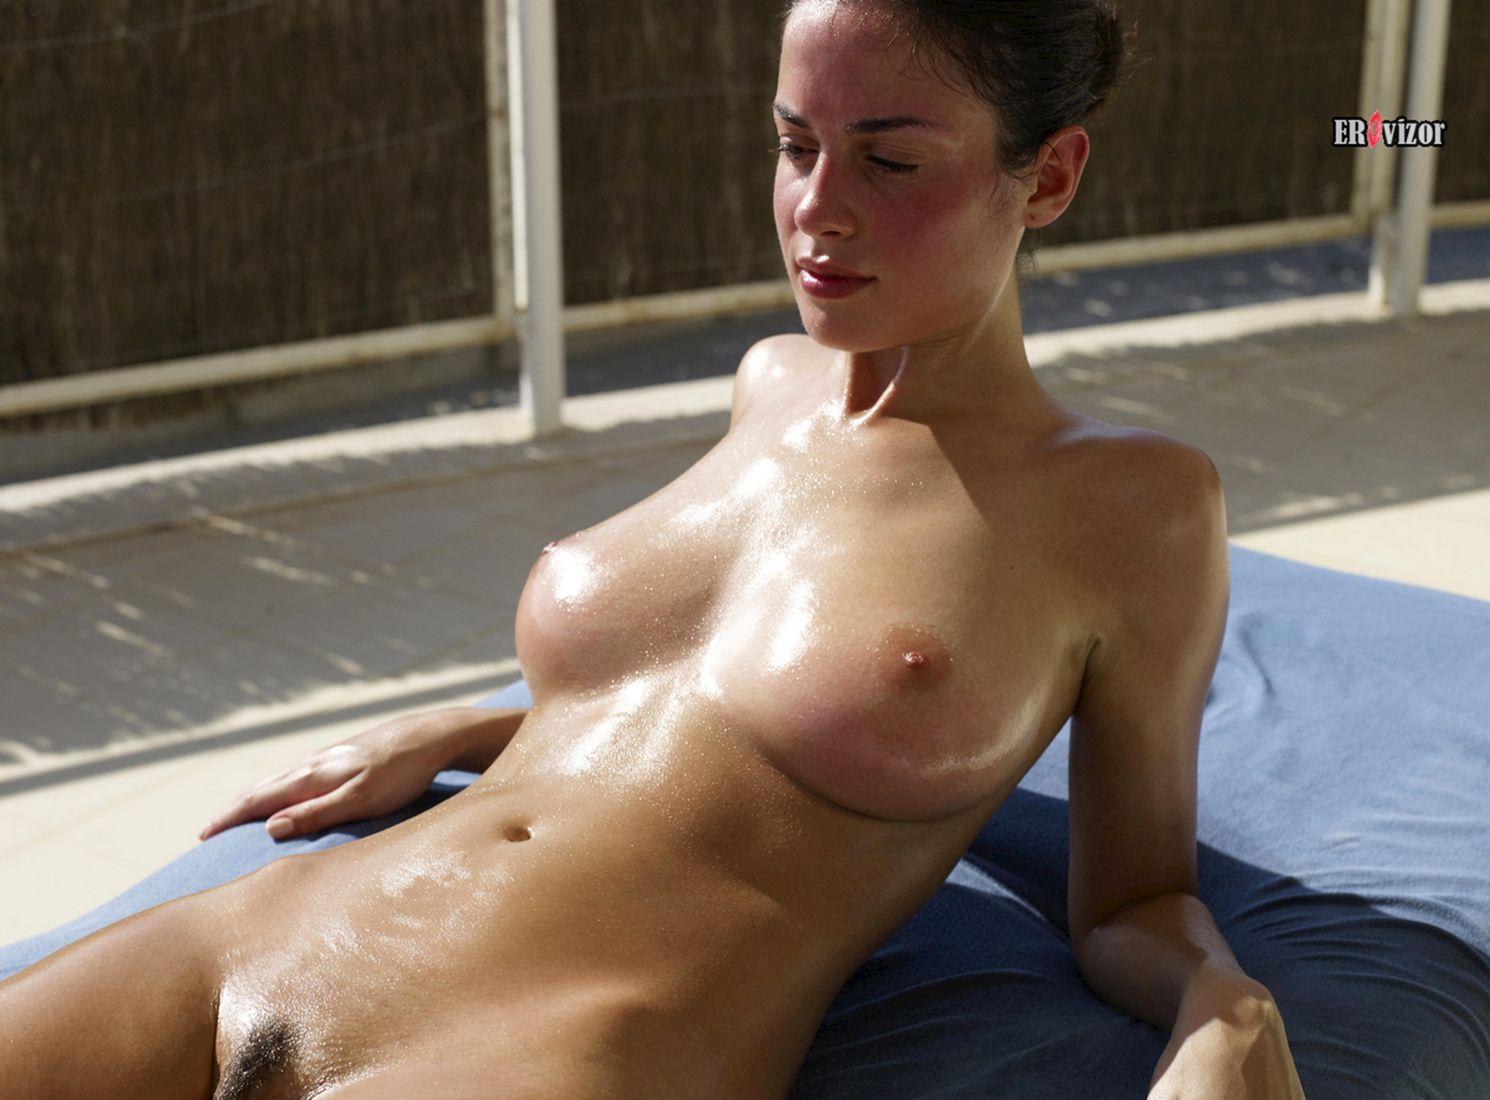 muriel-ero-massage (31)